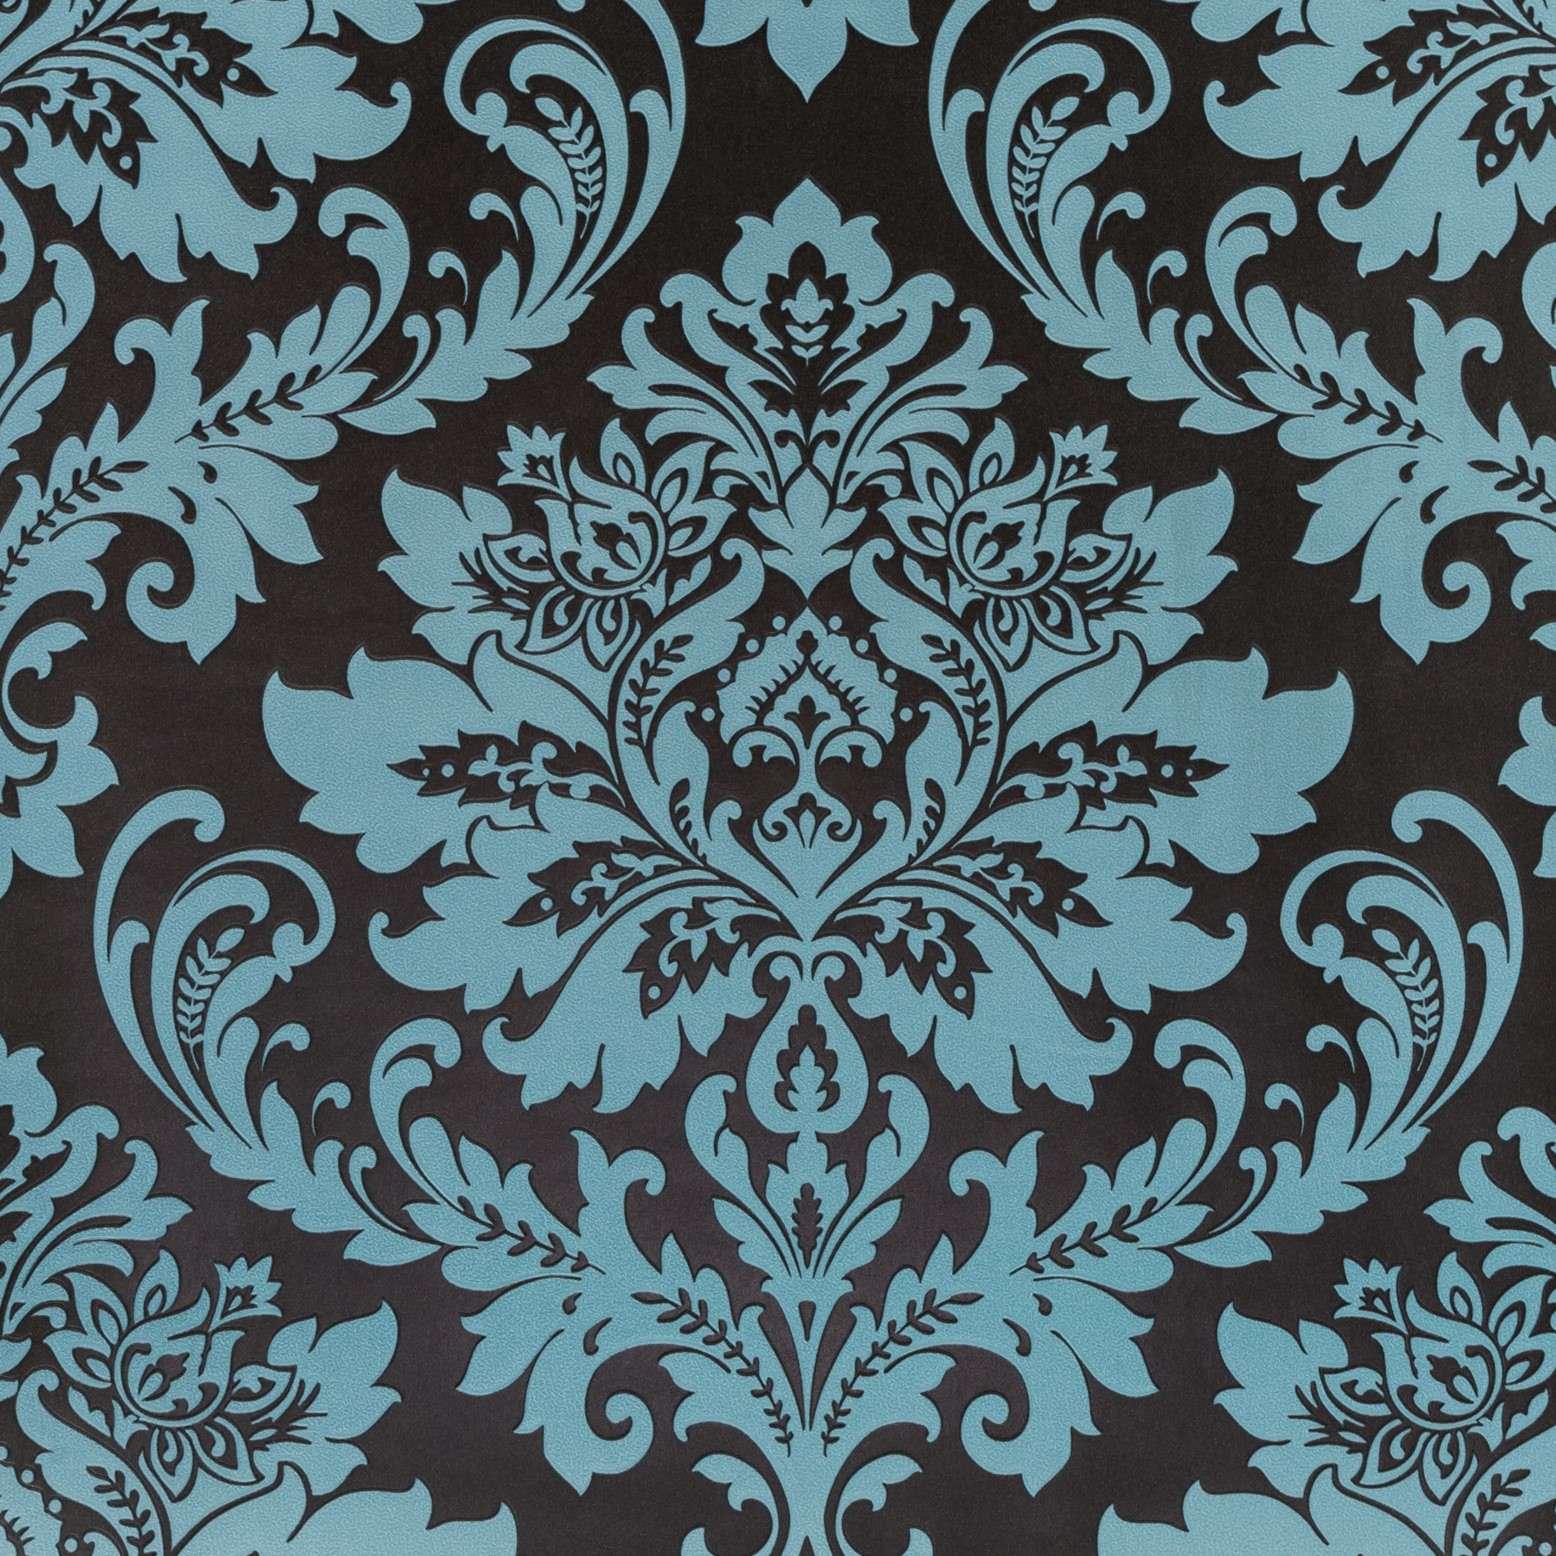 Papel de Parede Paris Decor Vinílico Coleção Colmar Damask Preto, Azul